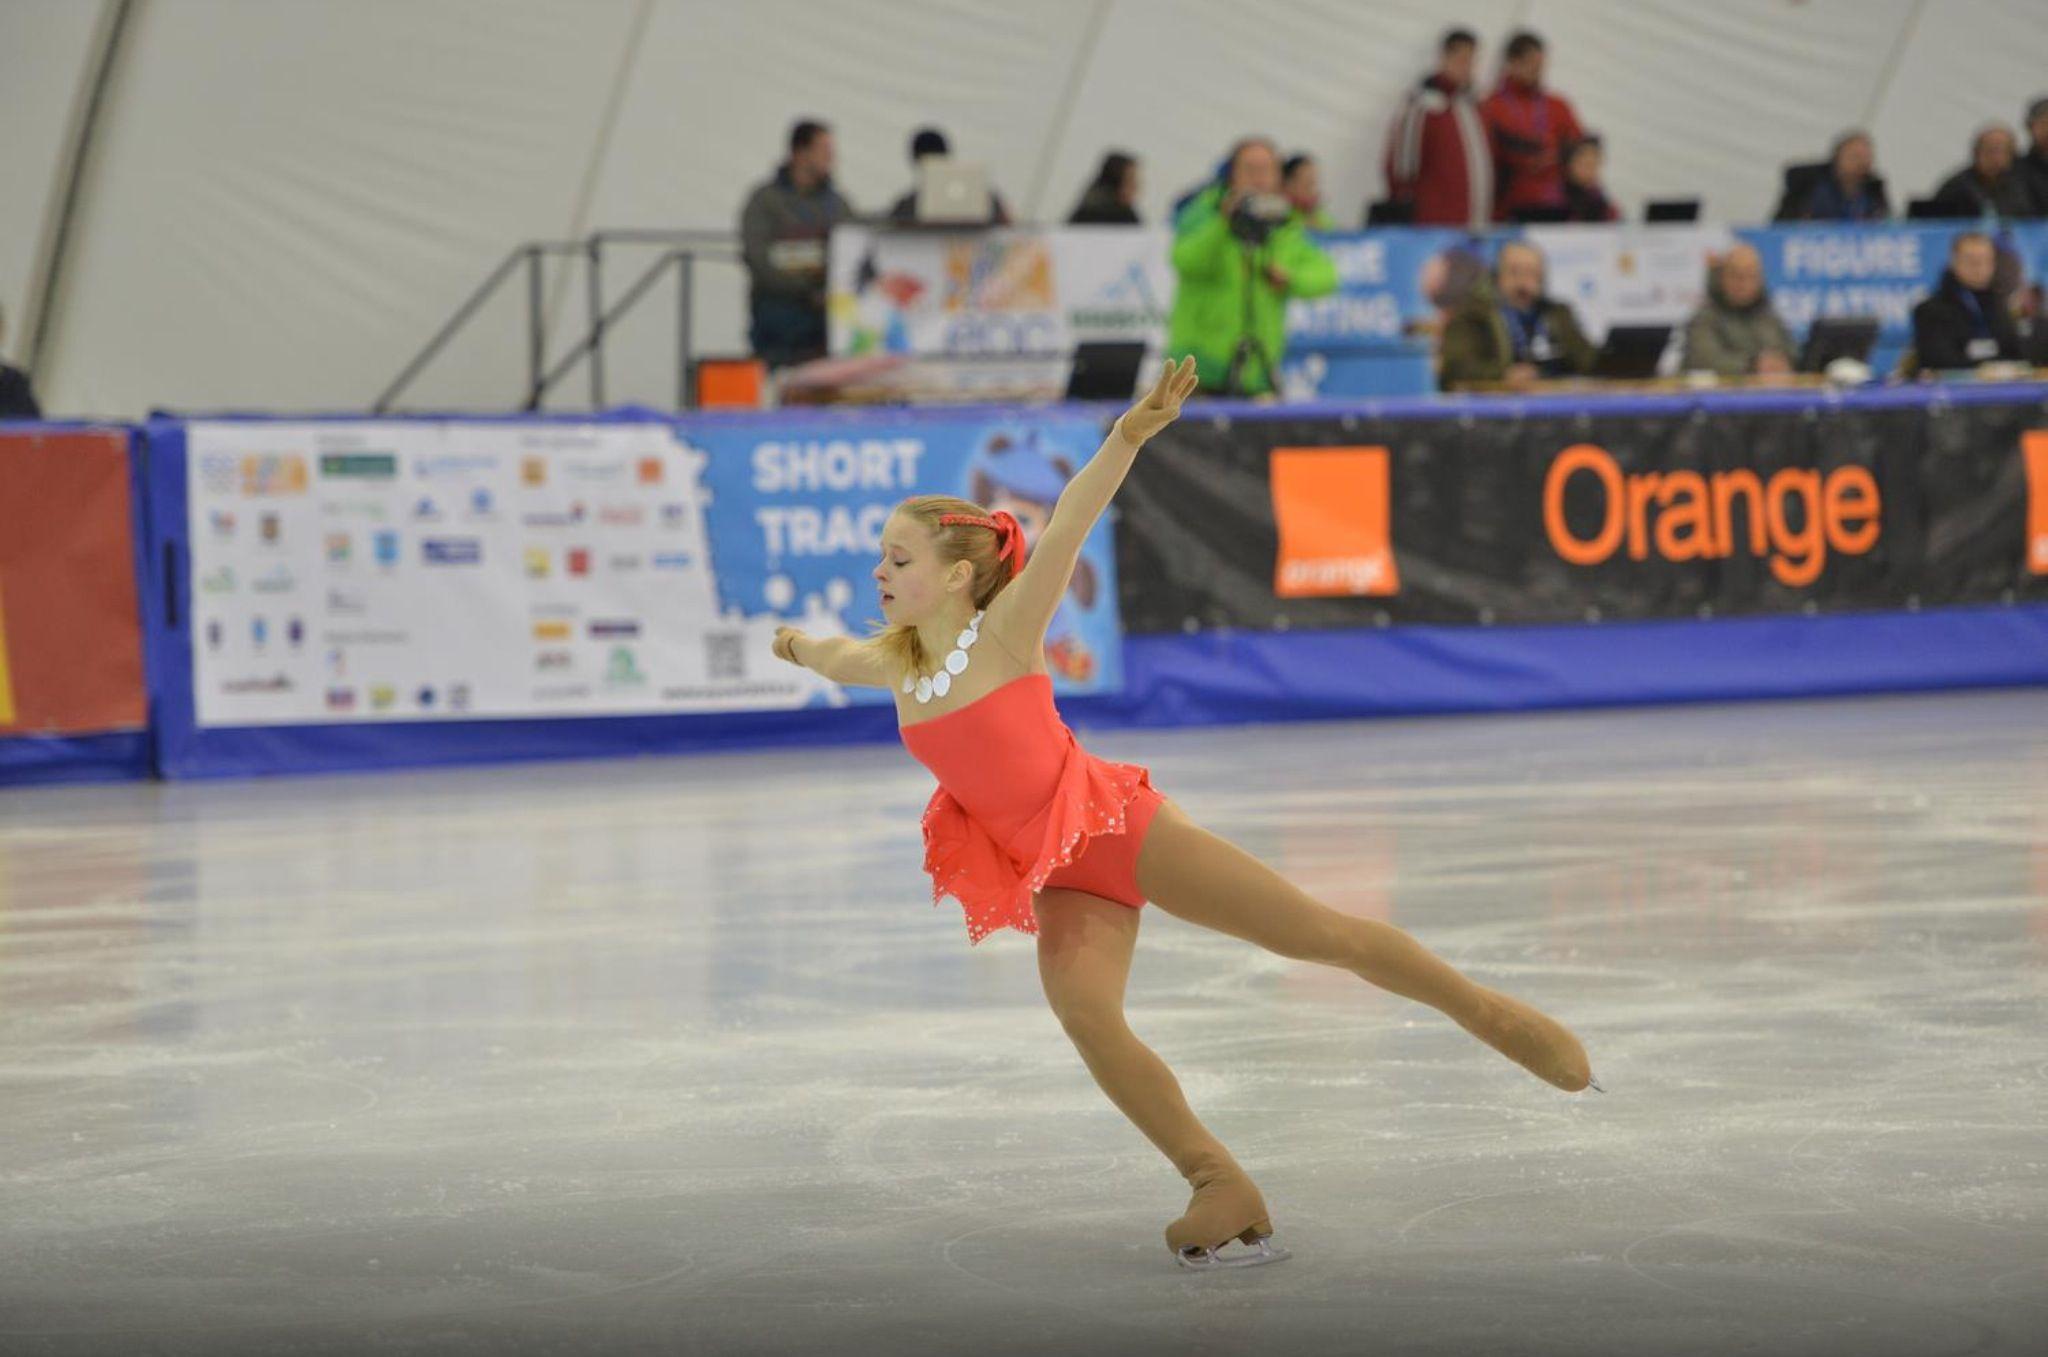 Ieva Gaile EYOWF 2013 / BRASOV's photo